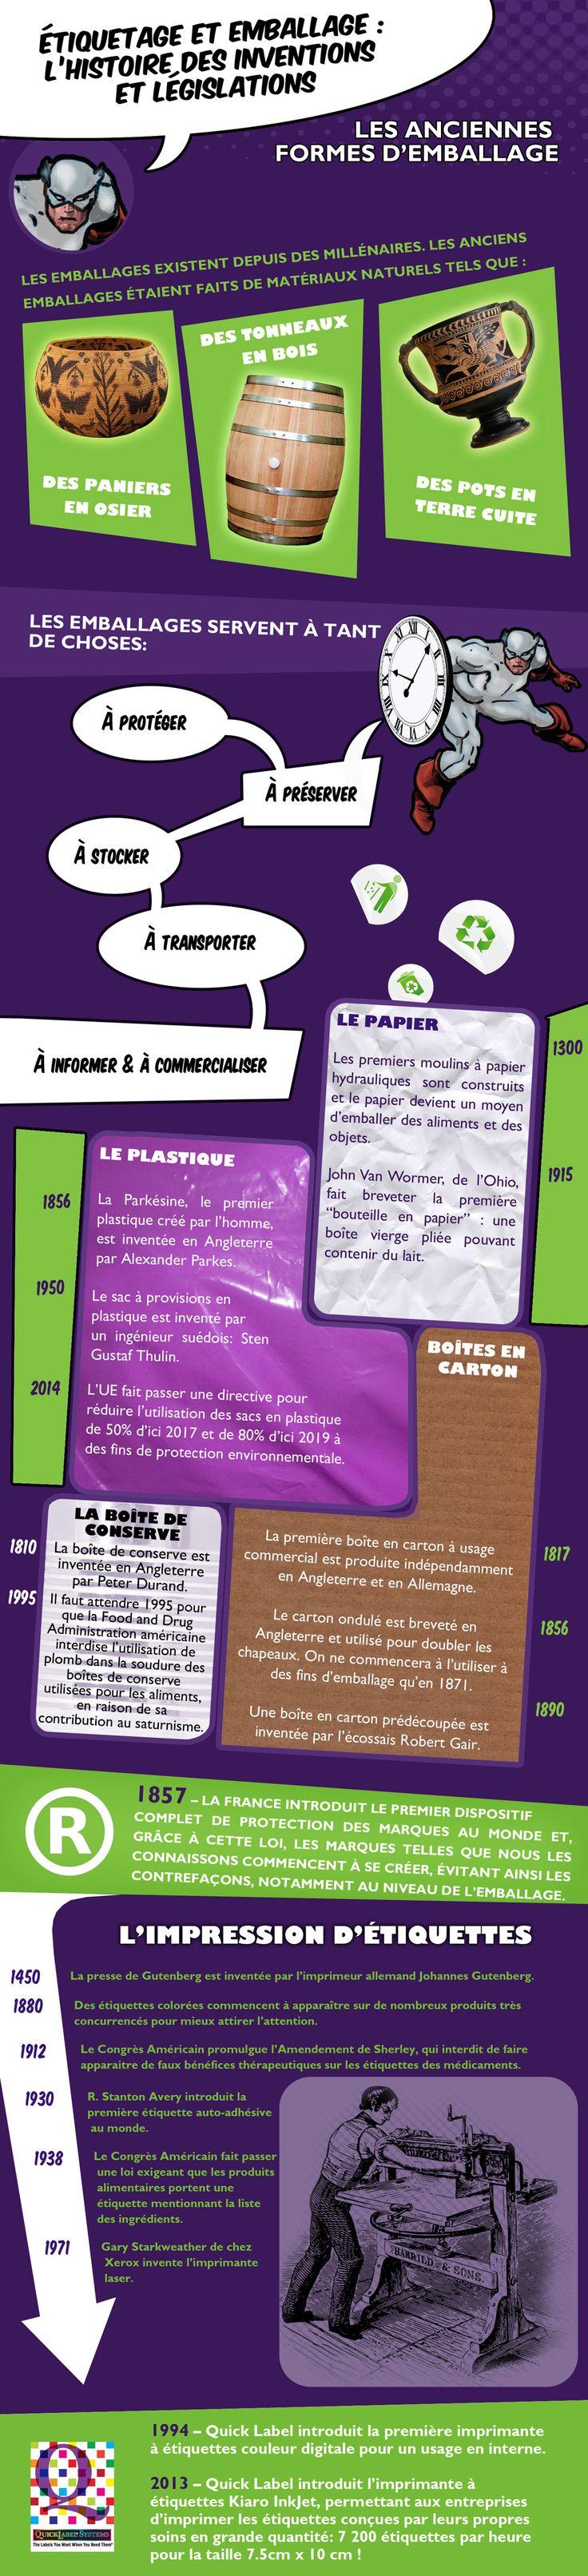 Quicklabel.fr - Réaliser soi-même ses étiquettes, c'est pas plus difficile que de faire des crêpes avec une imprimante à étiquettes Quick Label. http://www.quicklabel.fr